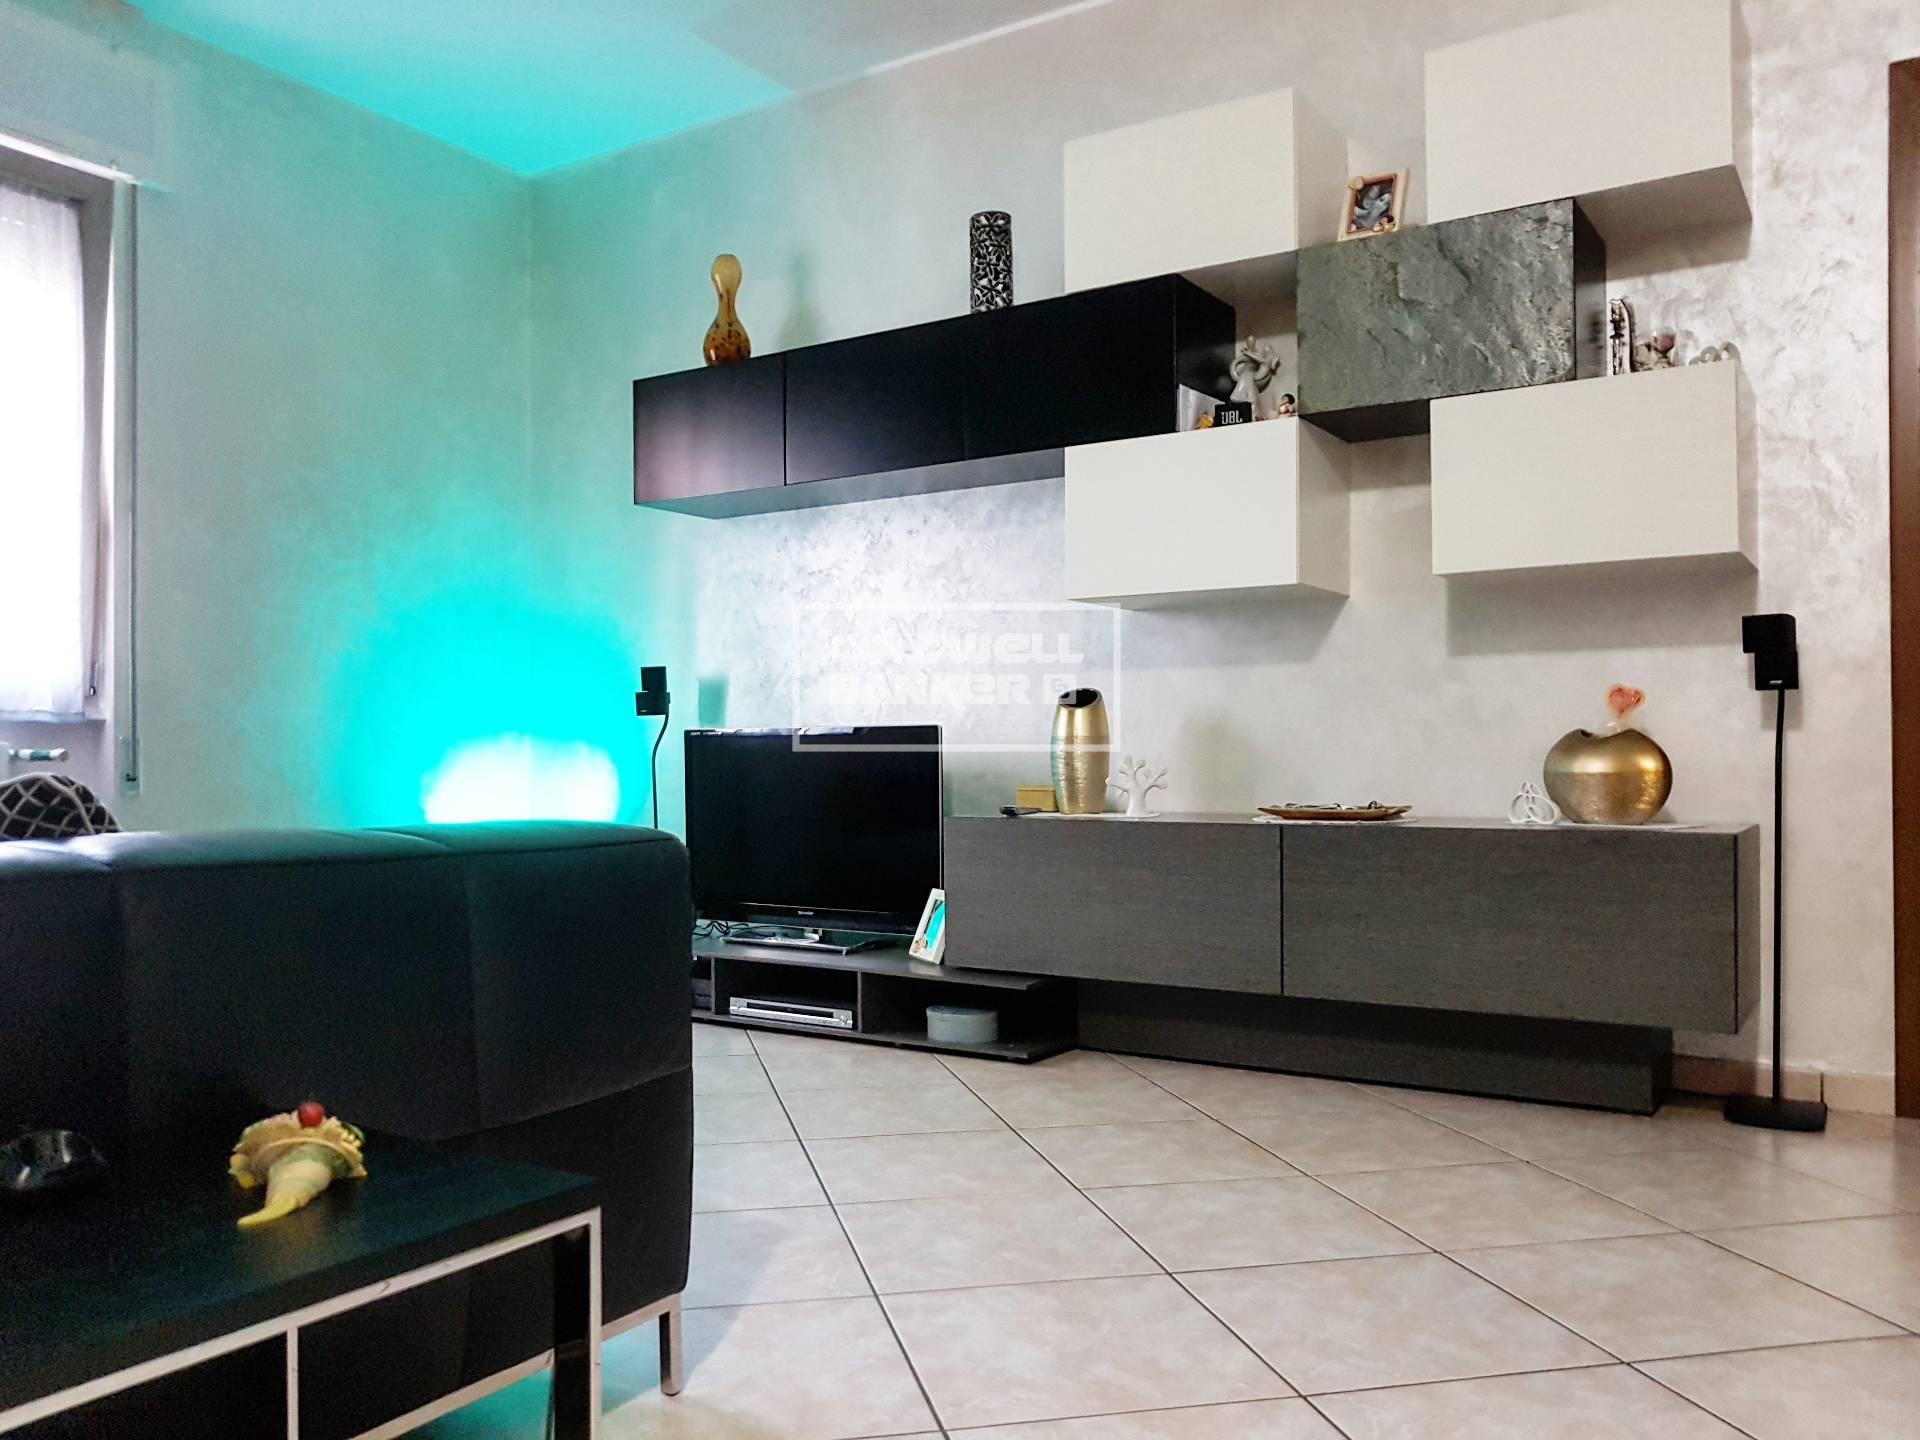 Appartamento BRINDISI vendita  S. Chiara  Coldwell Banker Millenia